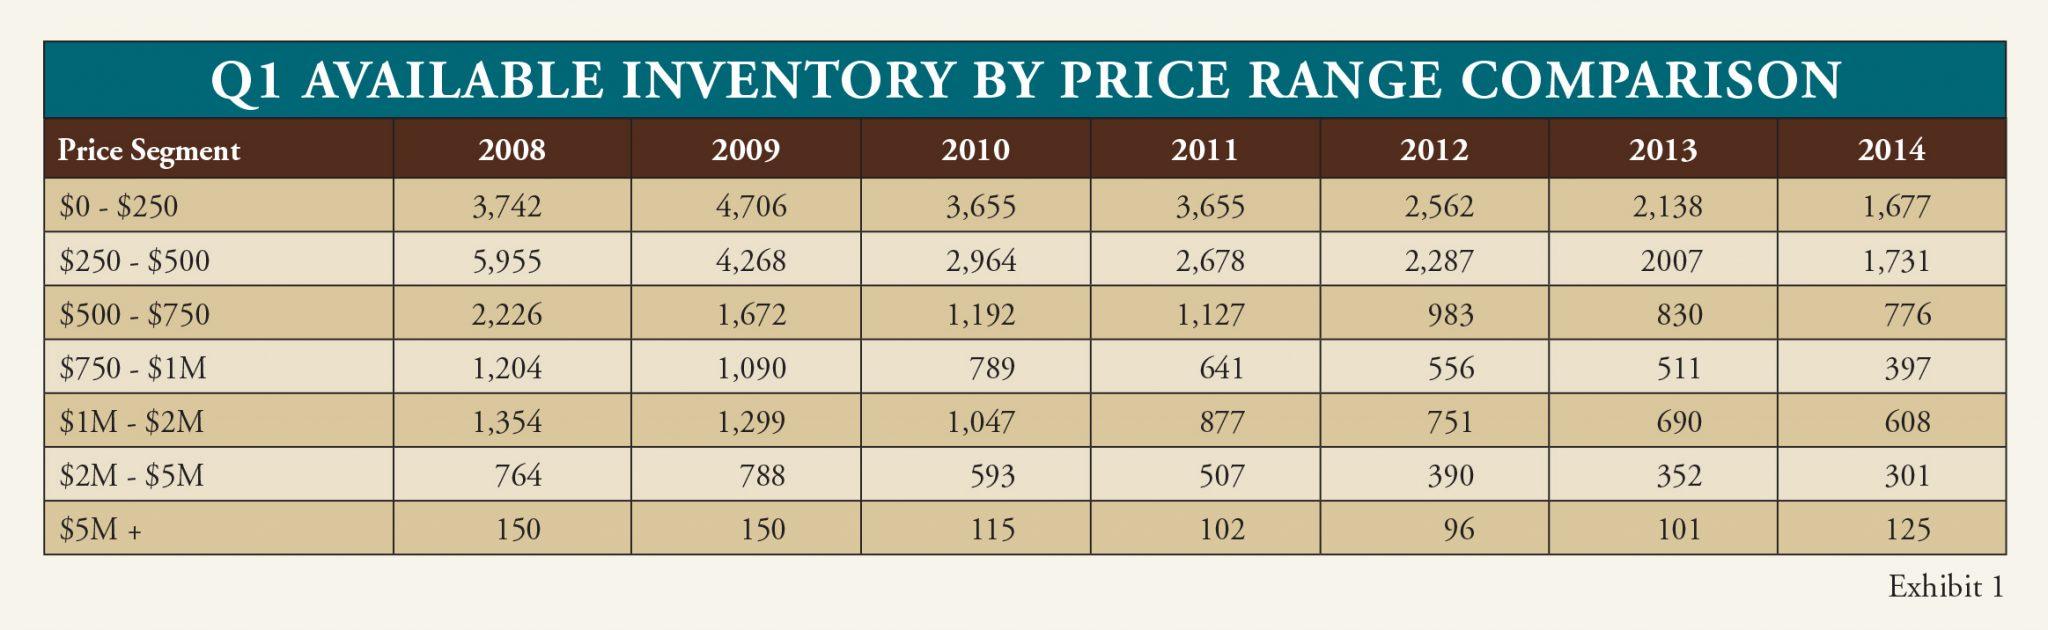 Market Report Q1 2014.indd